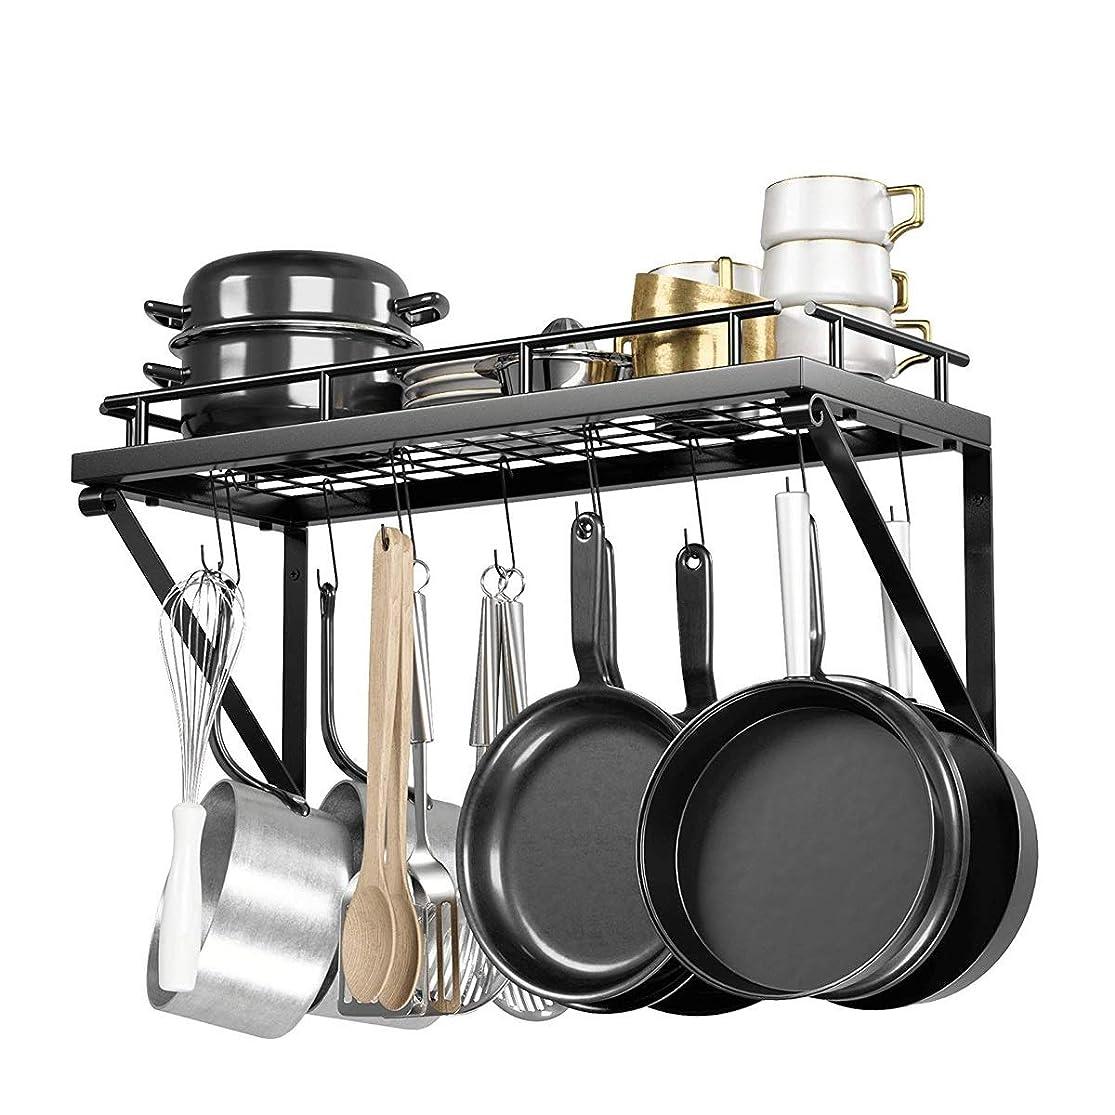 コック不適当トランジスタチュアンロン 壁掛け型キッチン収納ラック、12個のフック、取り付けが簡単、頑丈な鍋やフライパン用のキッチンソリューション (Color : Black)